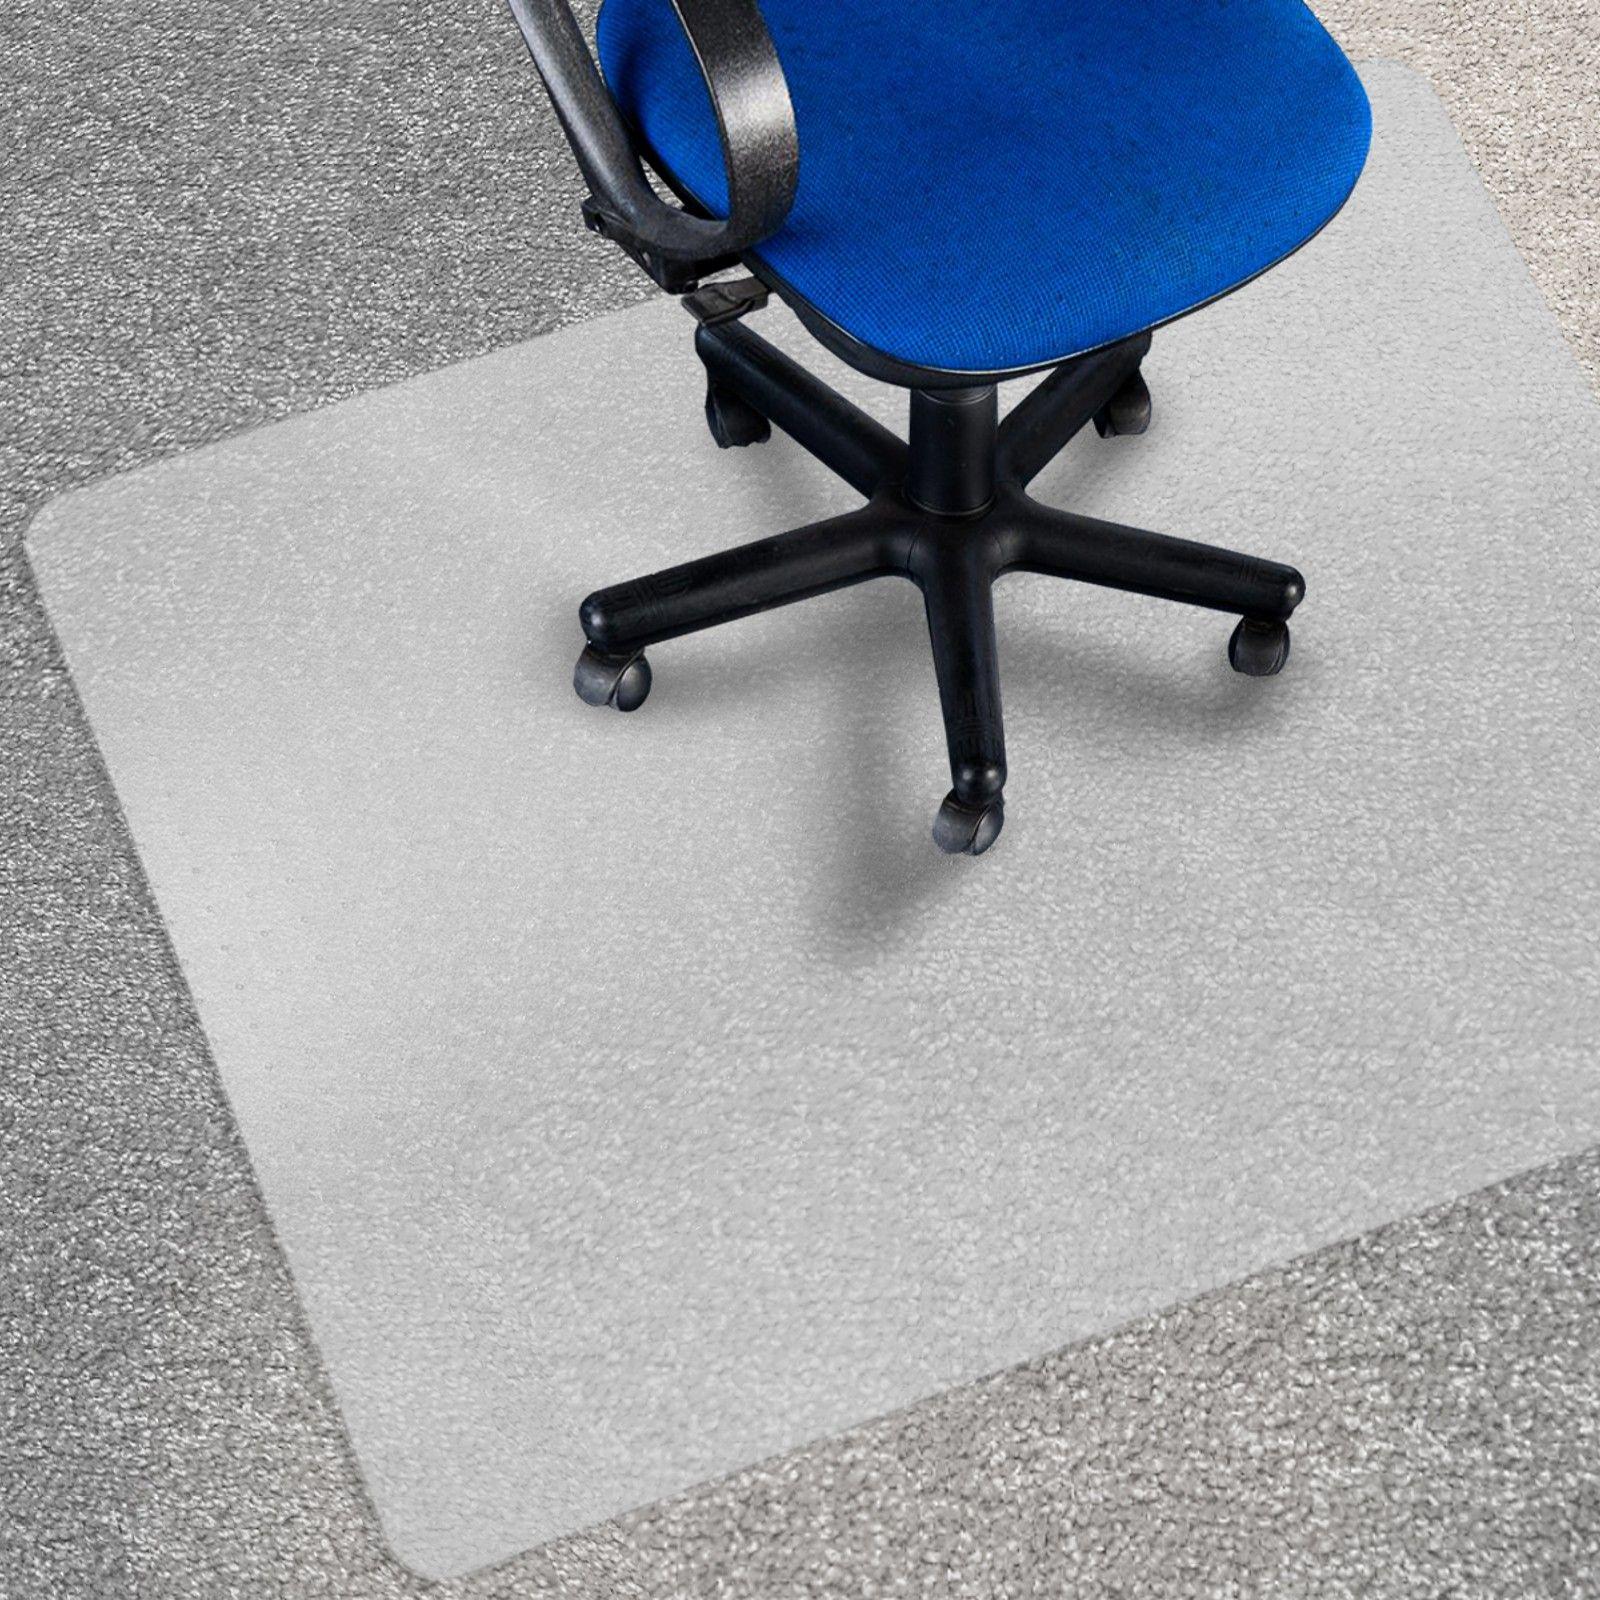 Chair Mat For Carpet Floors Pp Series